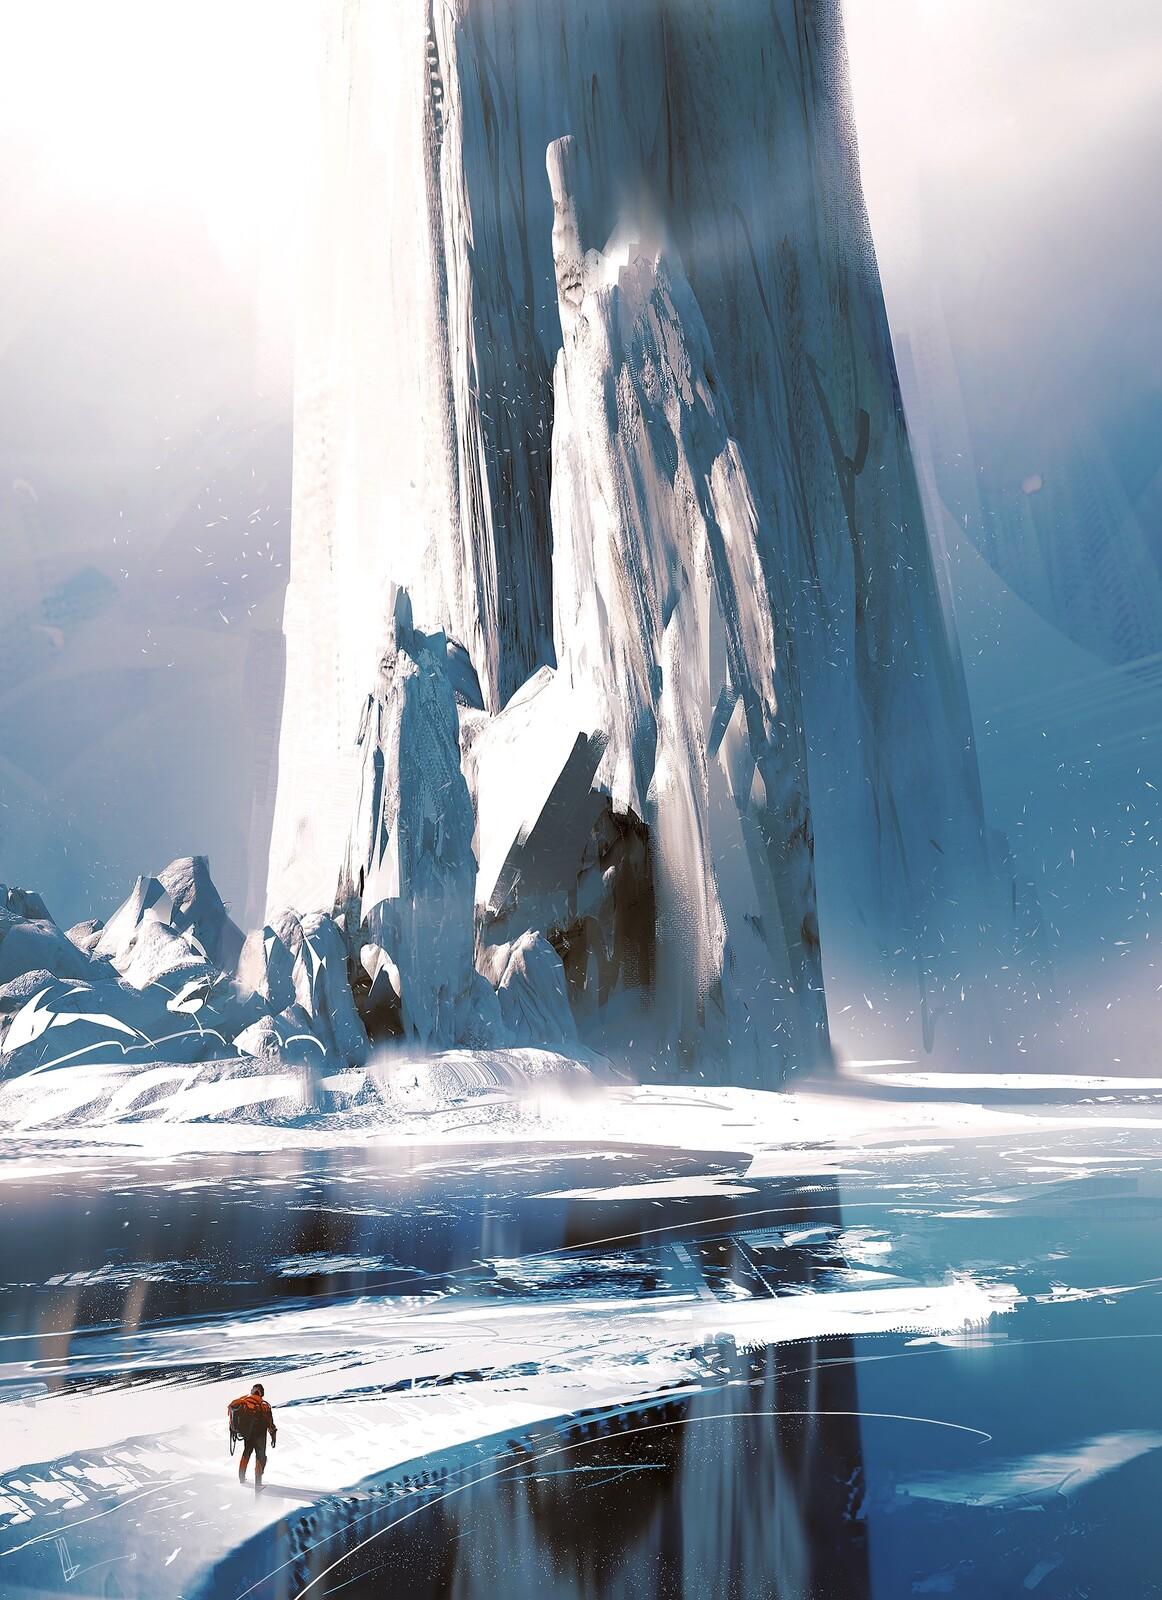 Iceberg - Maysketchaday 1